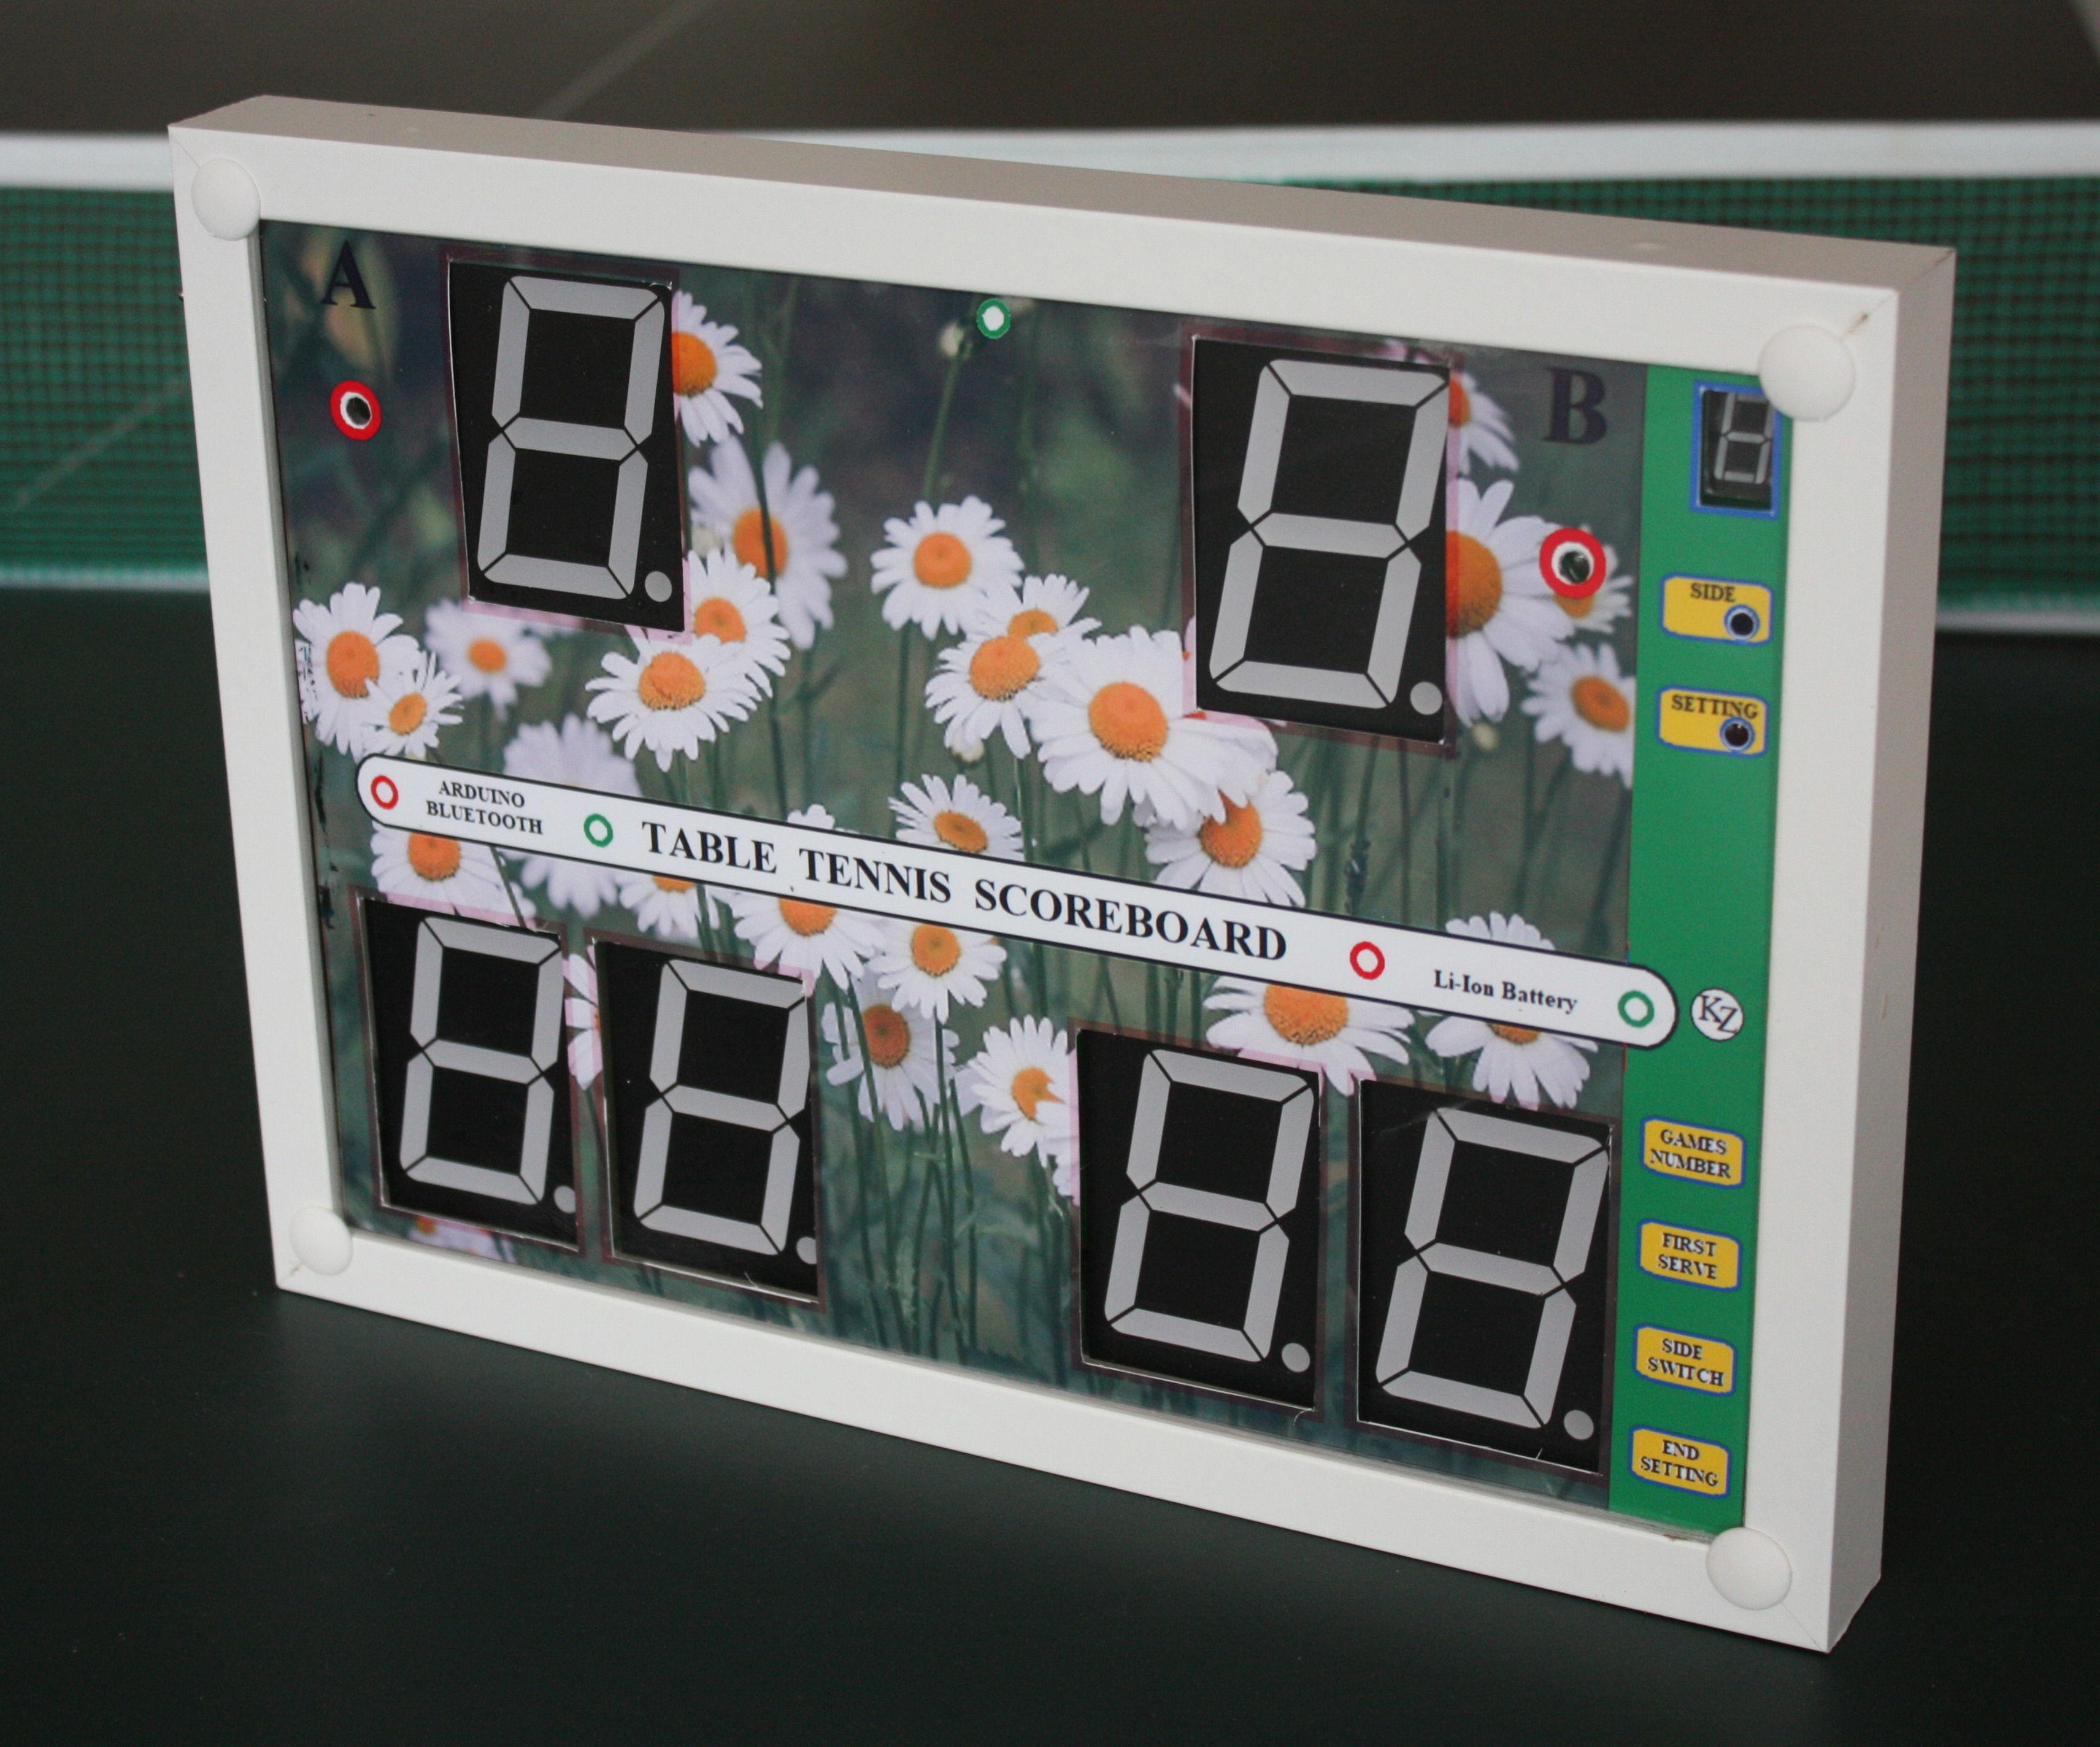 Li-ion Battery Bluetooth Scoreboard